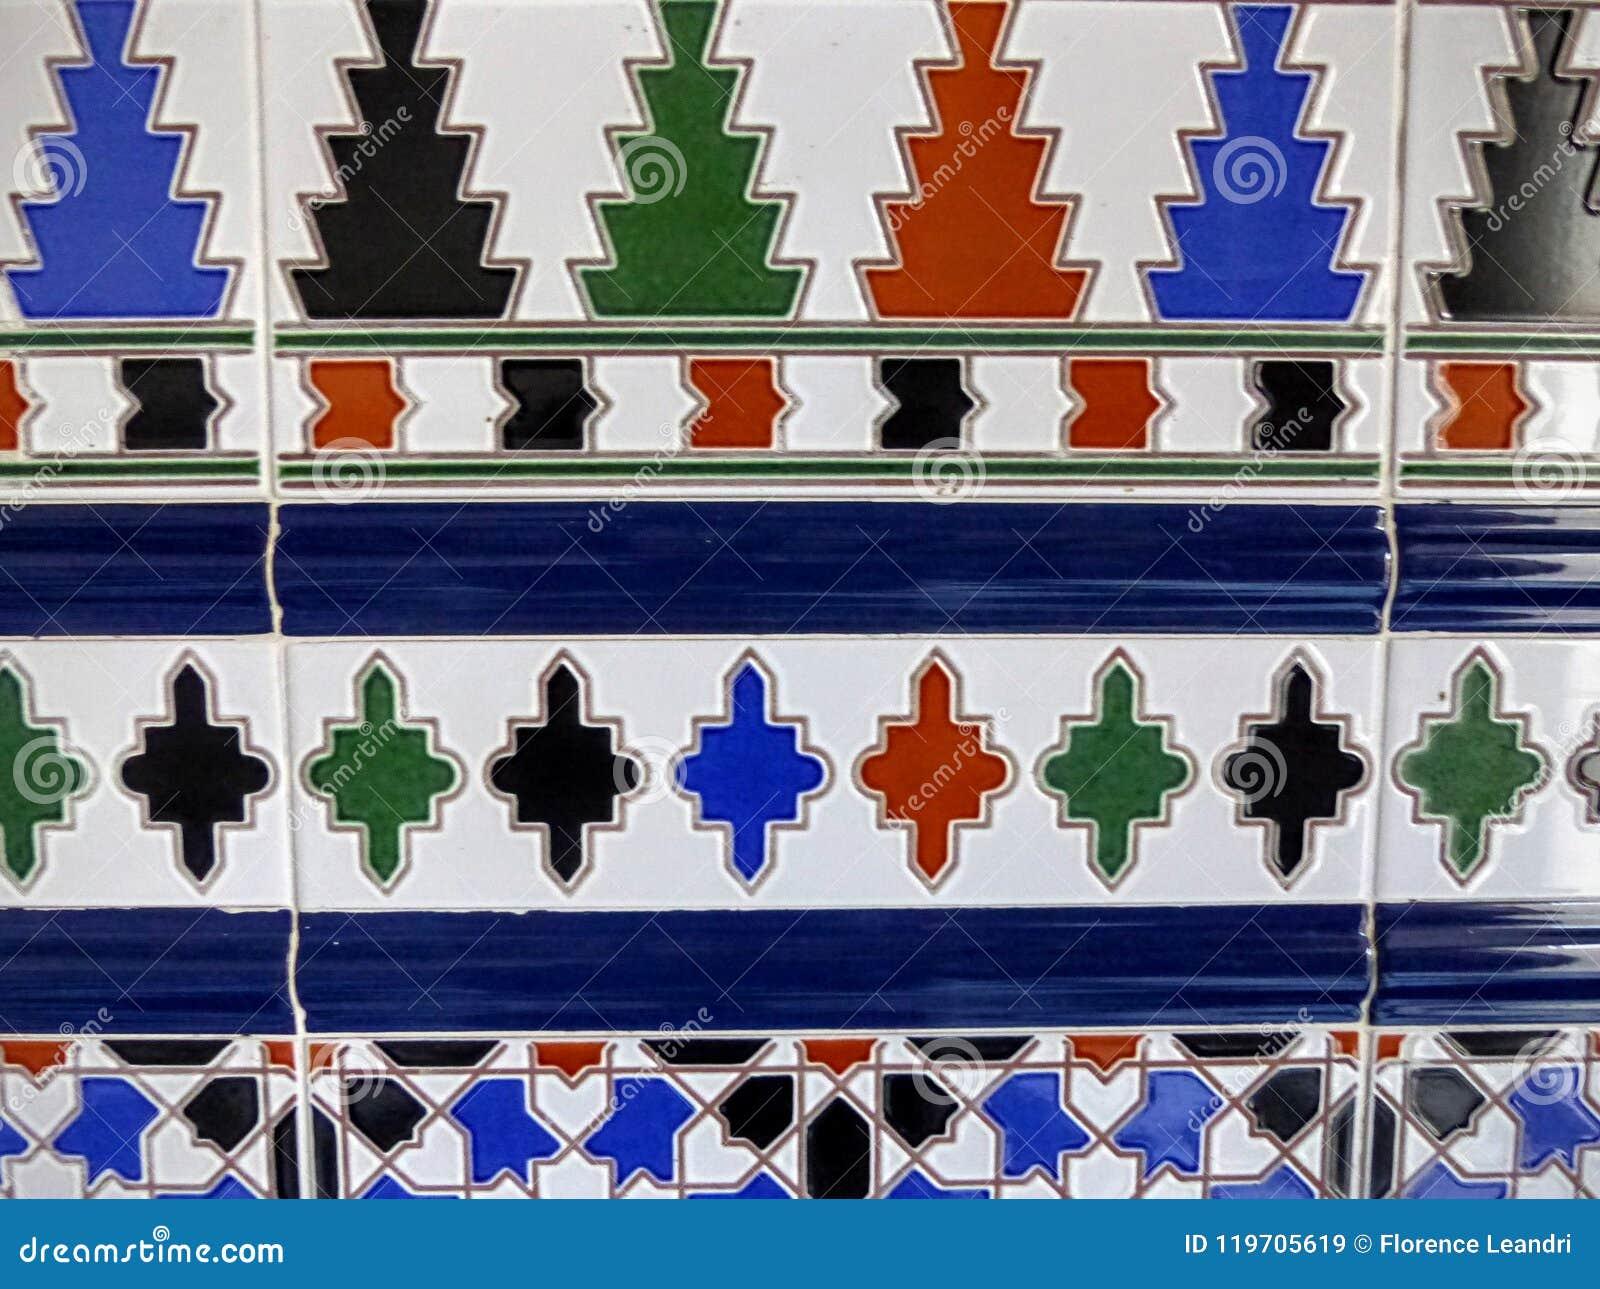 Λεπτομέρεια ενός χρωματισμένου κεραμιδιού χαρακτηριστικού της Ανδαλουσίας στην Ισπανία